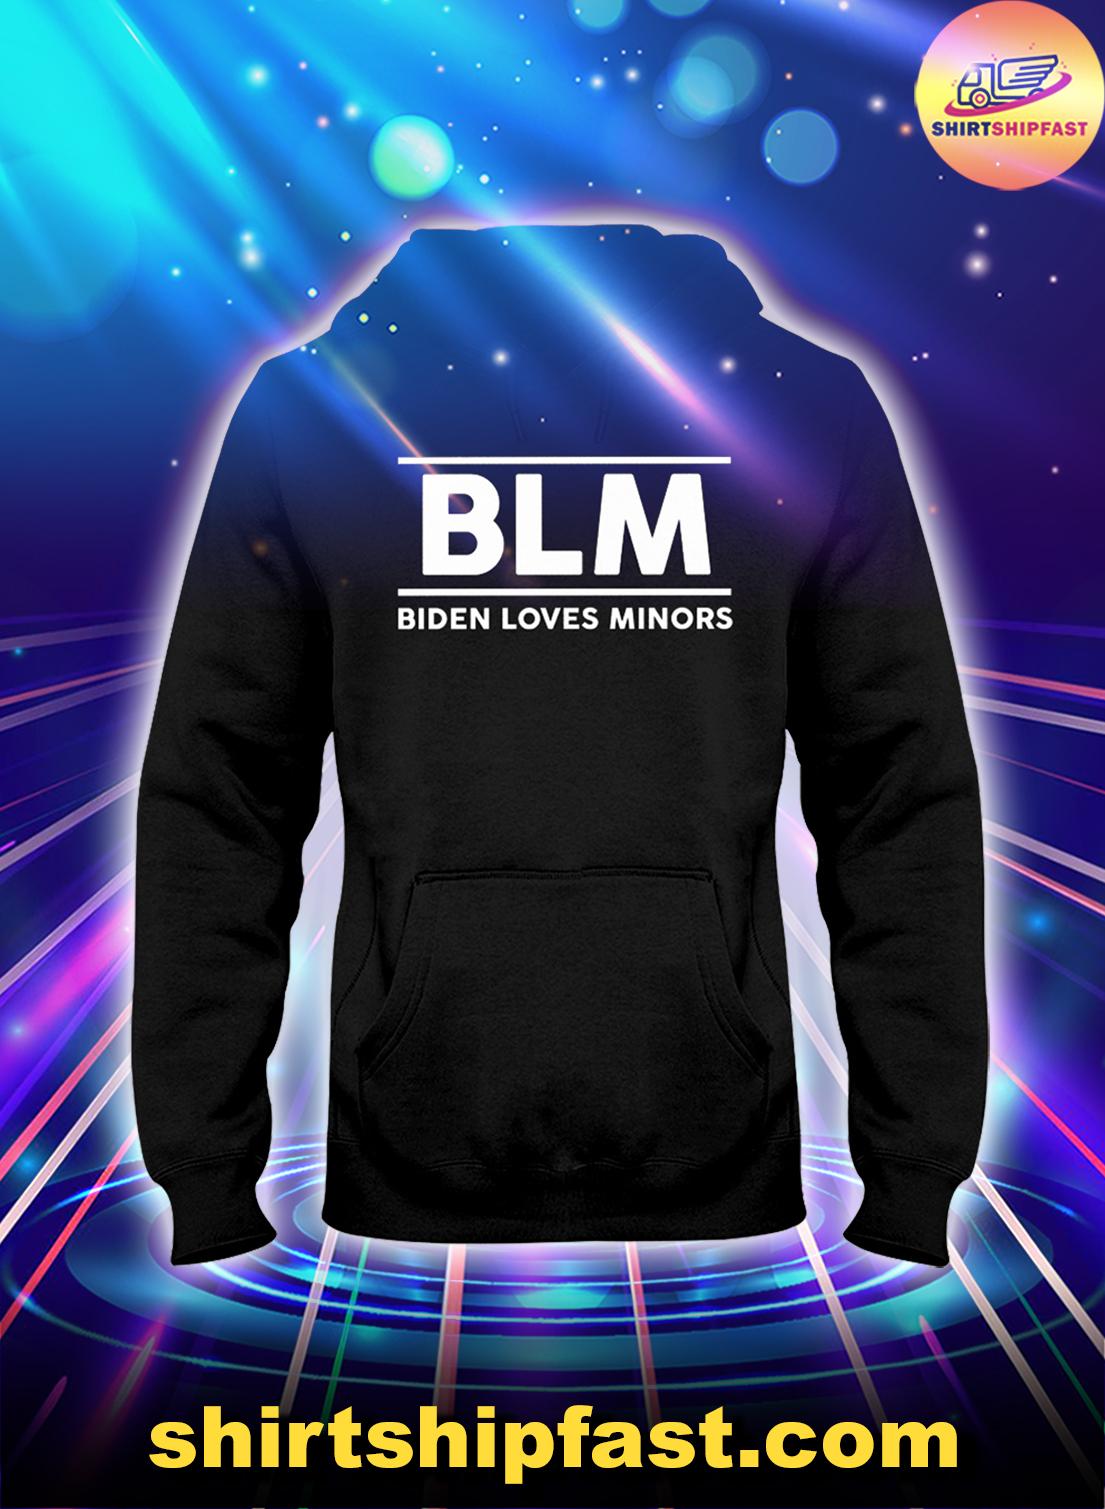 BLM Biden loves minors shirt, hoodie and long sleeve tee